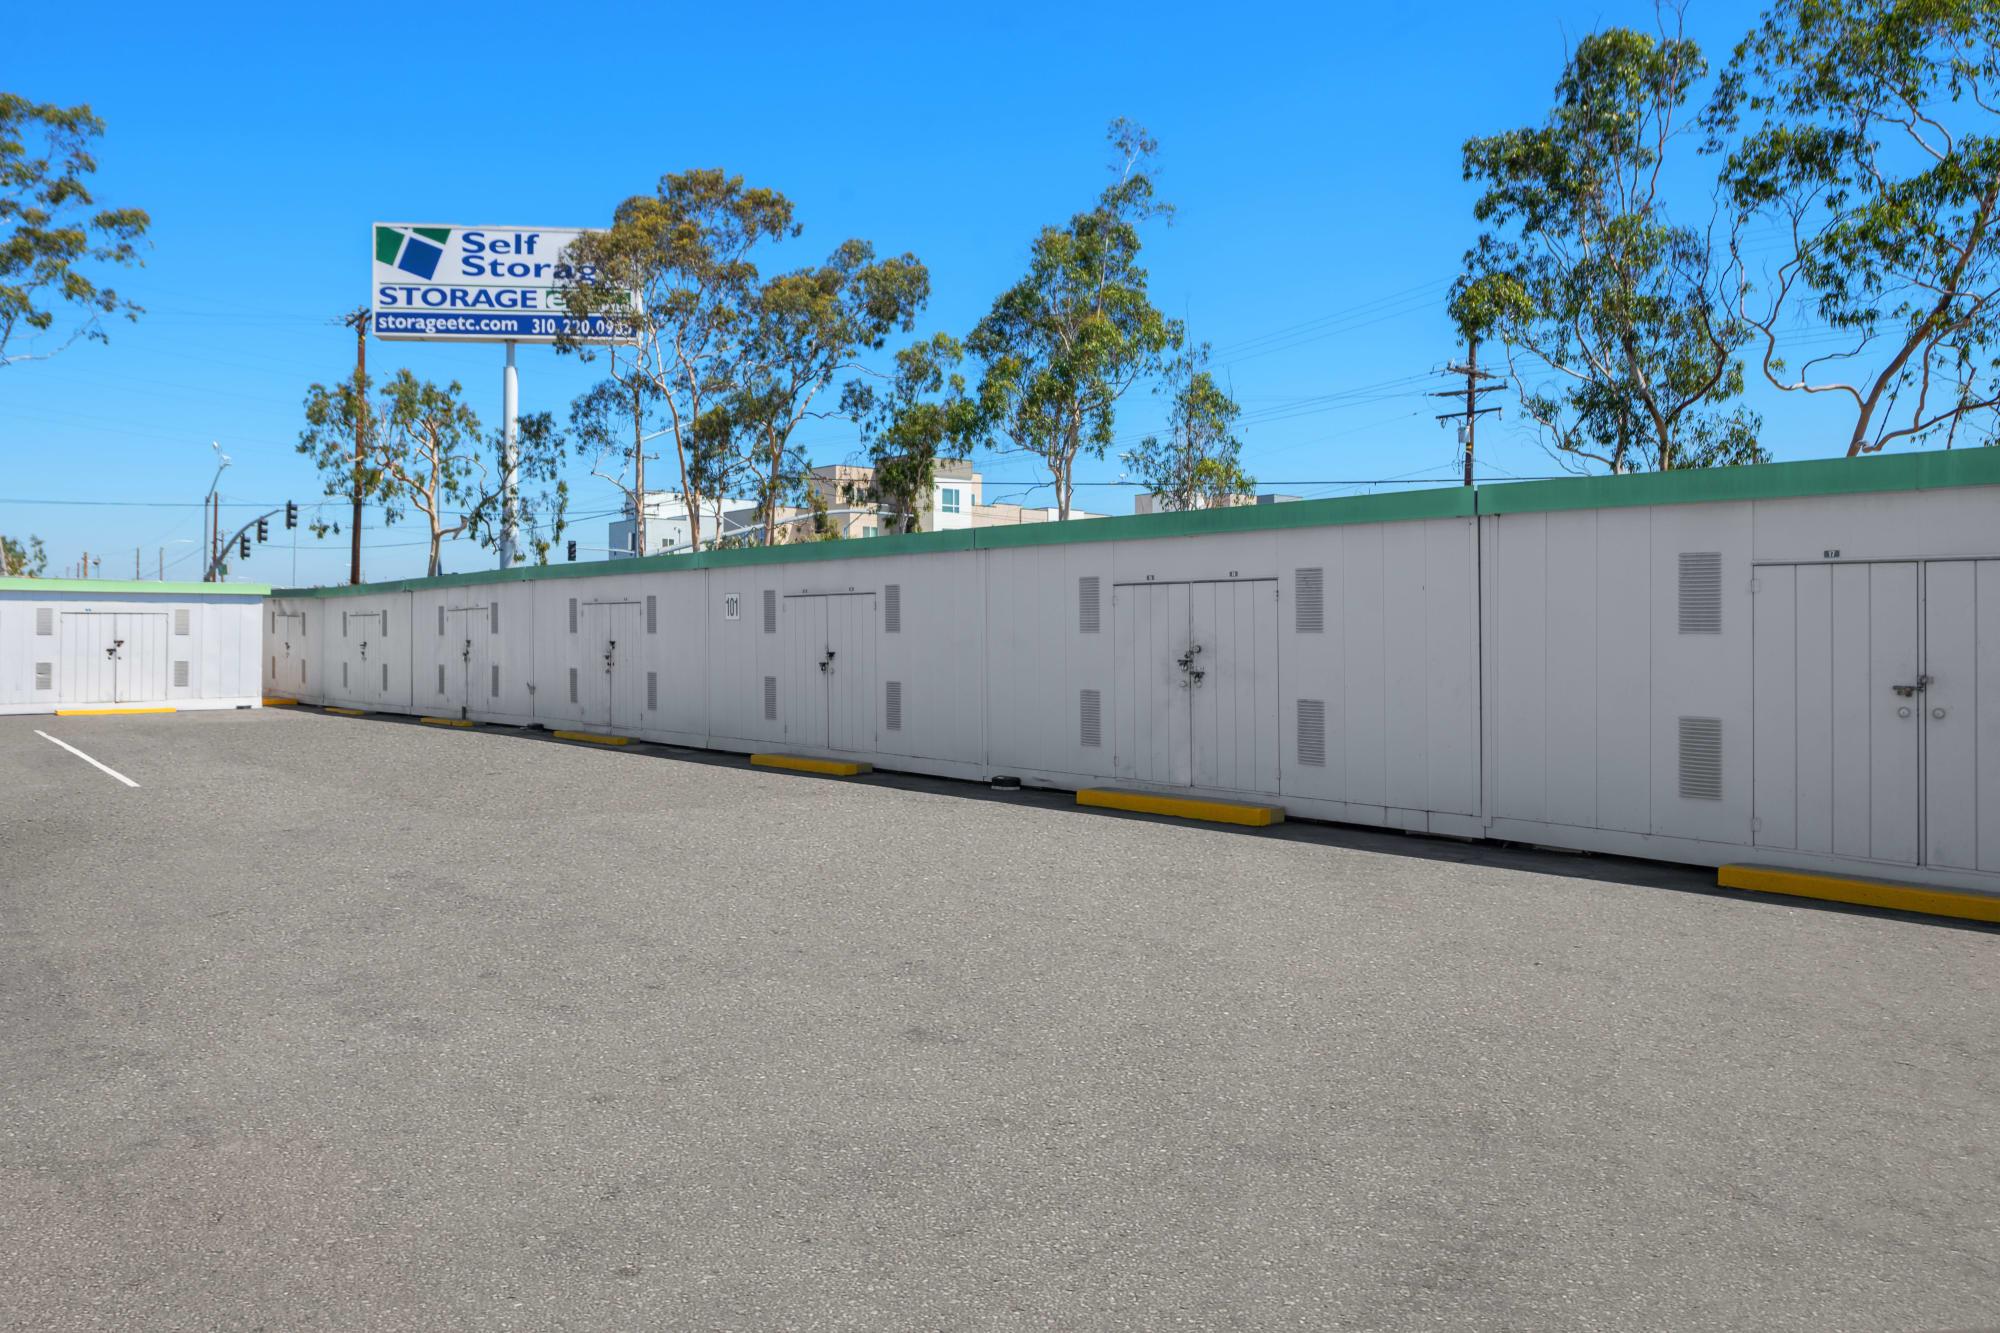 Self storage in Carson CA